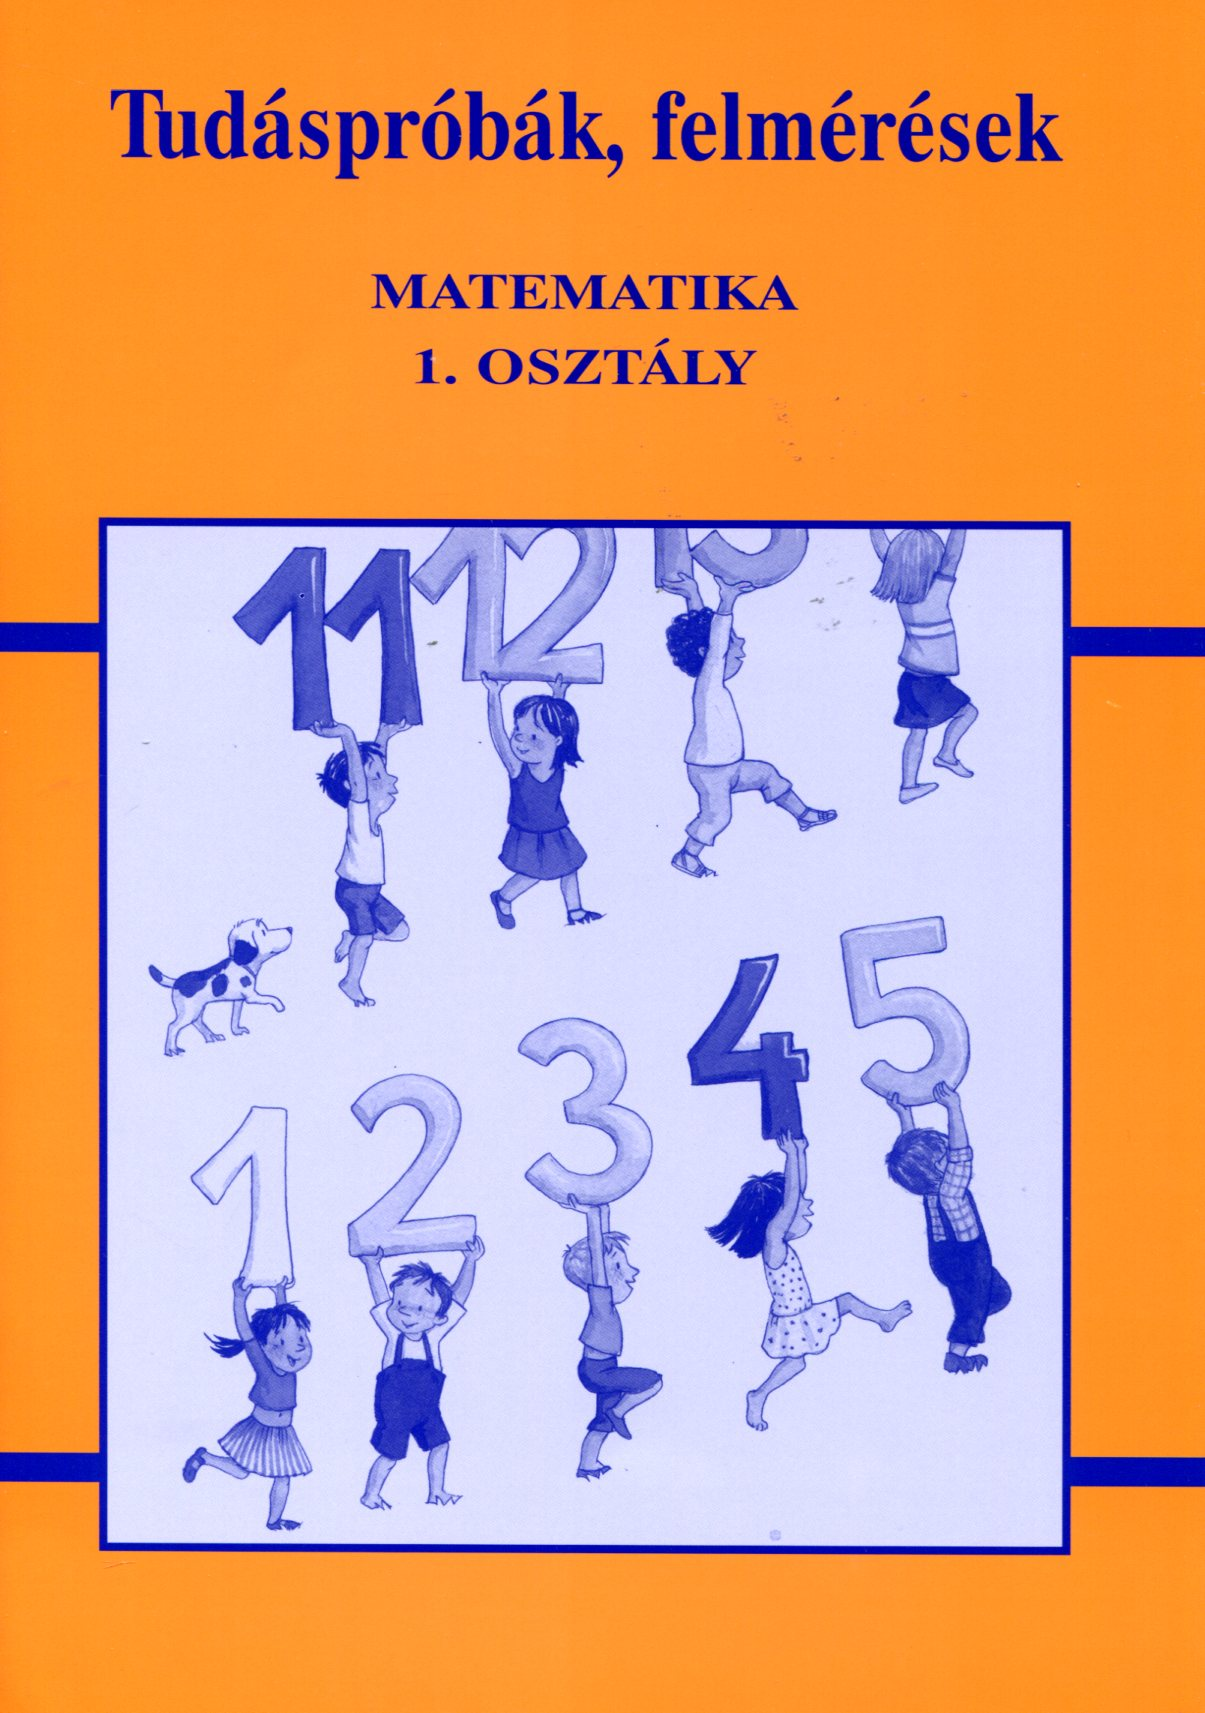 Tudáspróbák, felmérések - matematika 1. osztály